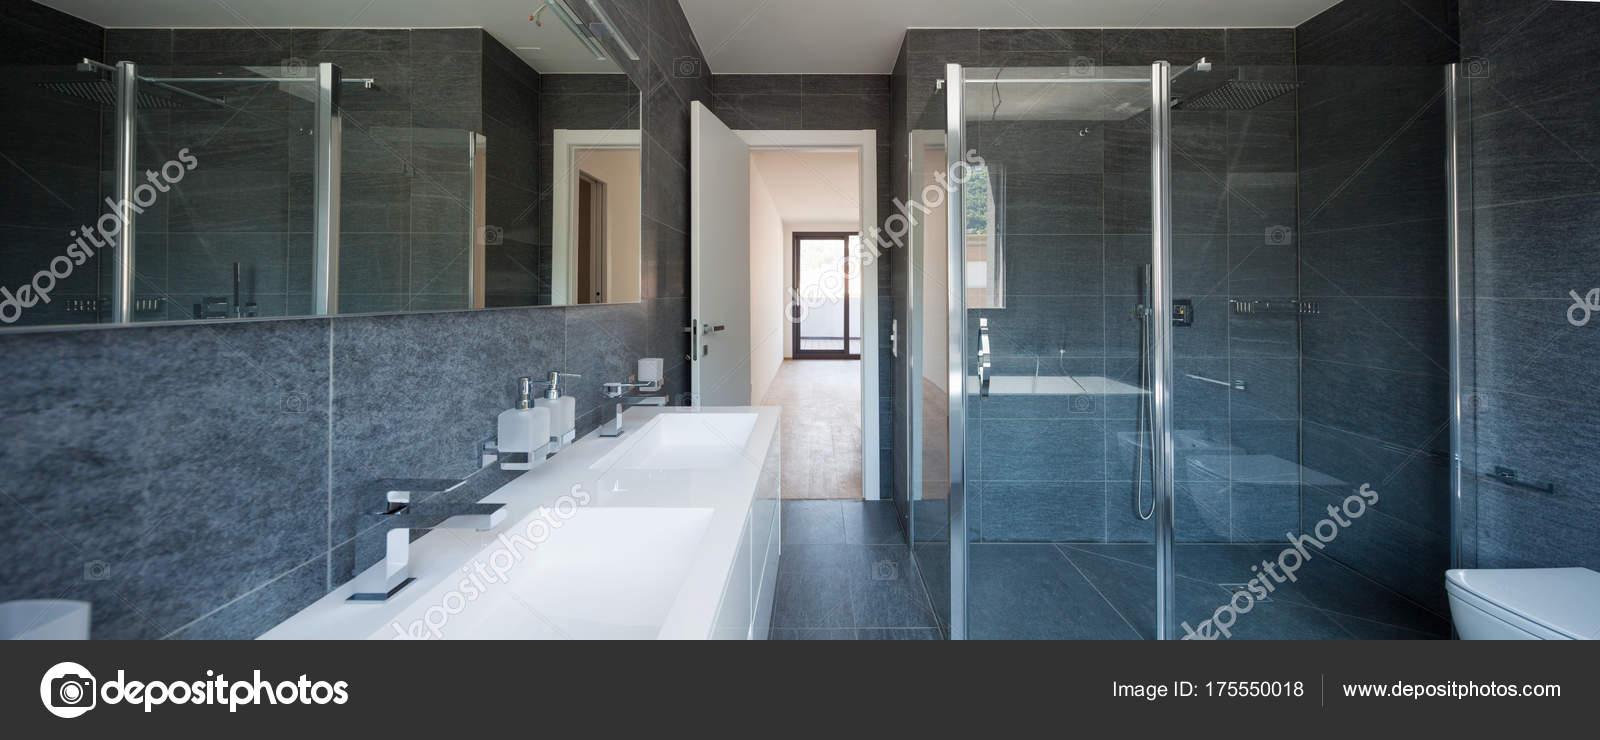 Moderne Luxus Badezimmer Stockfoto C Zveiger 175550018